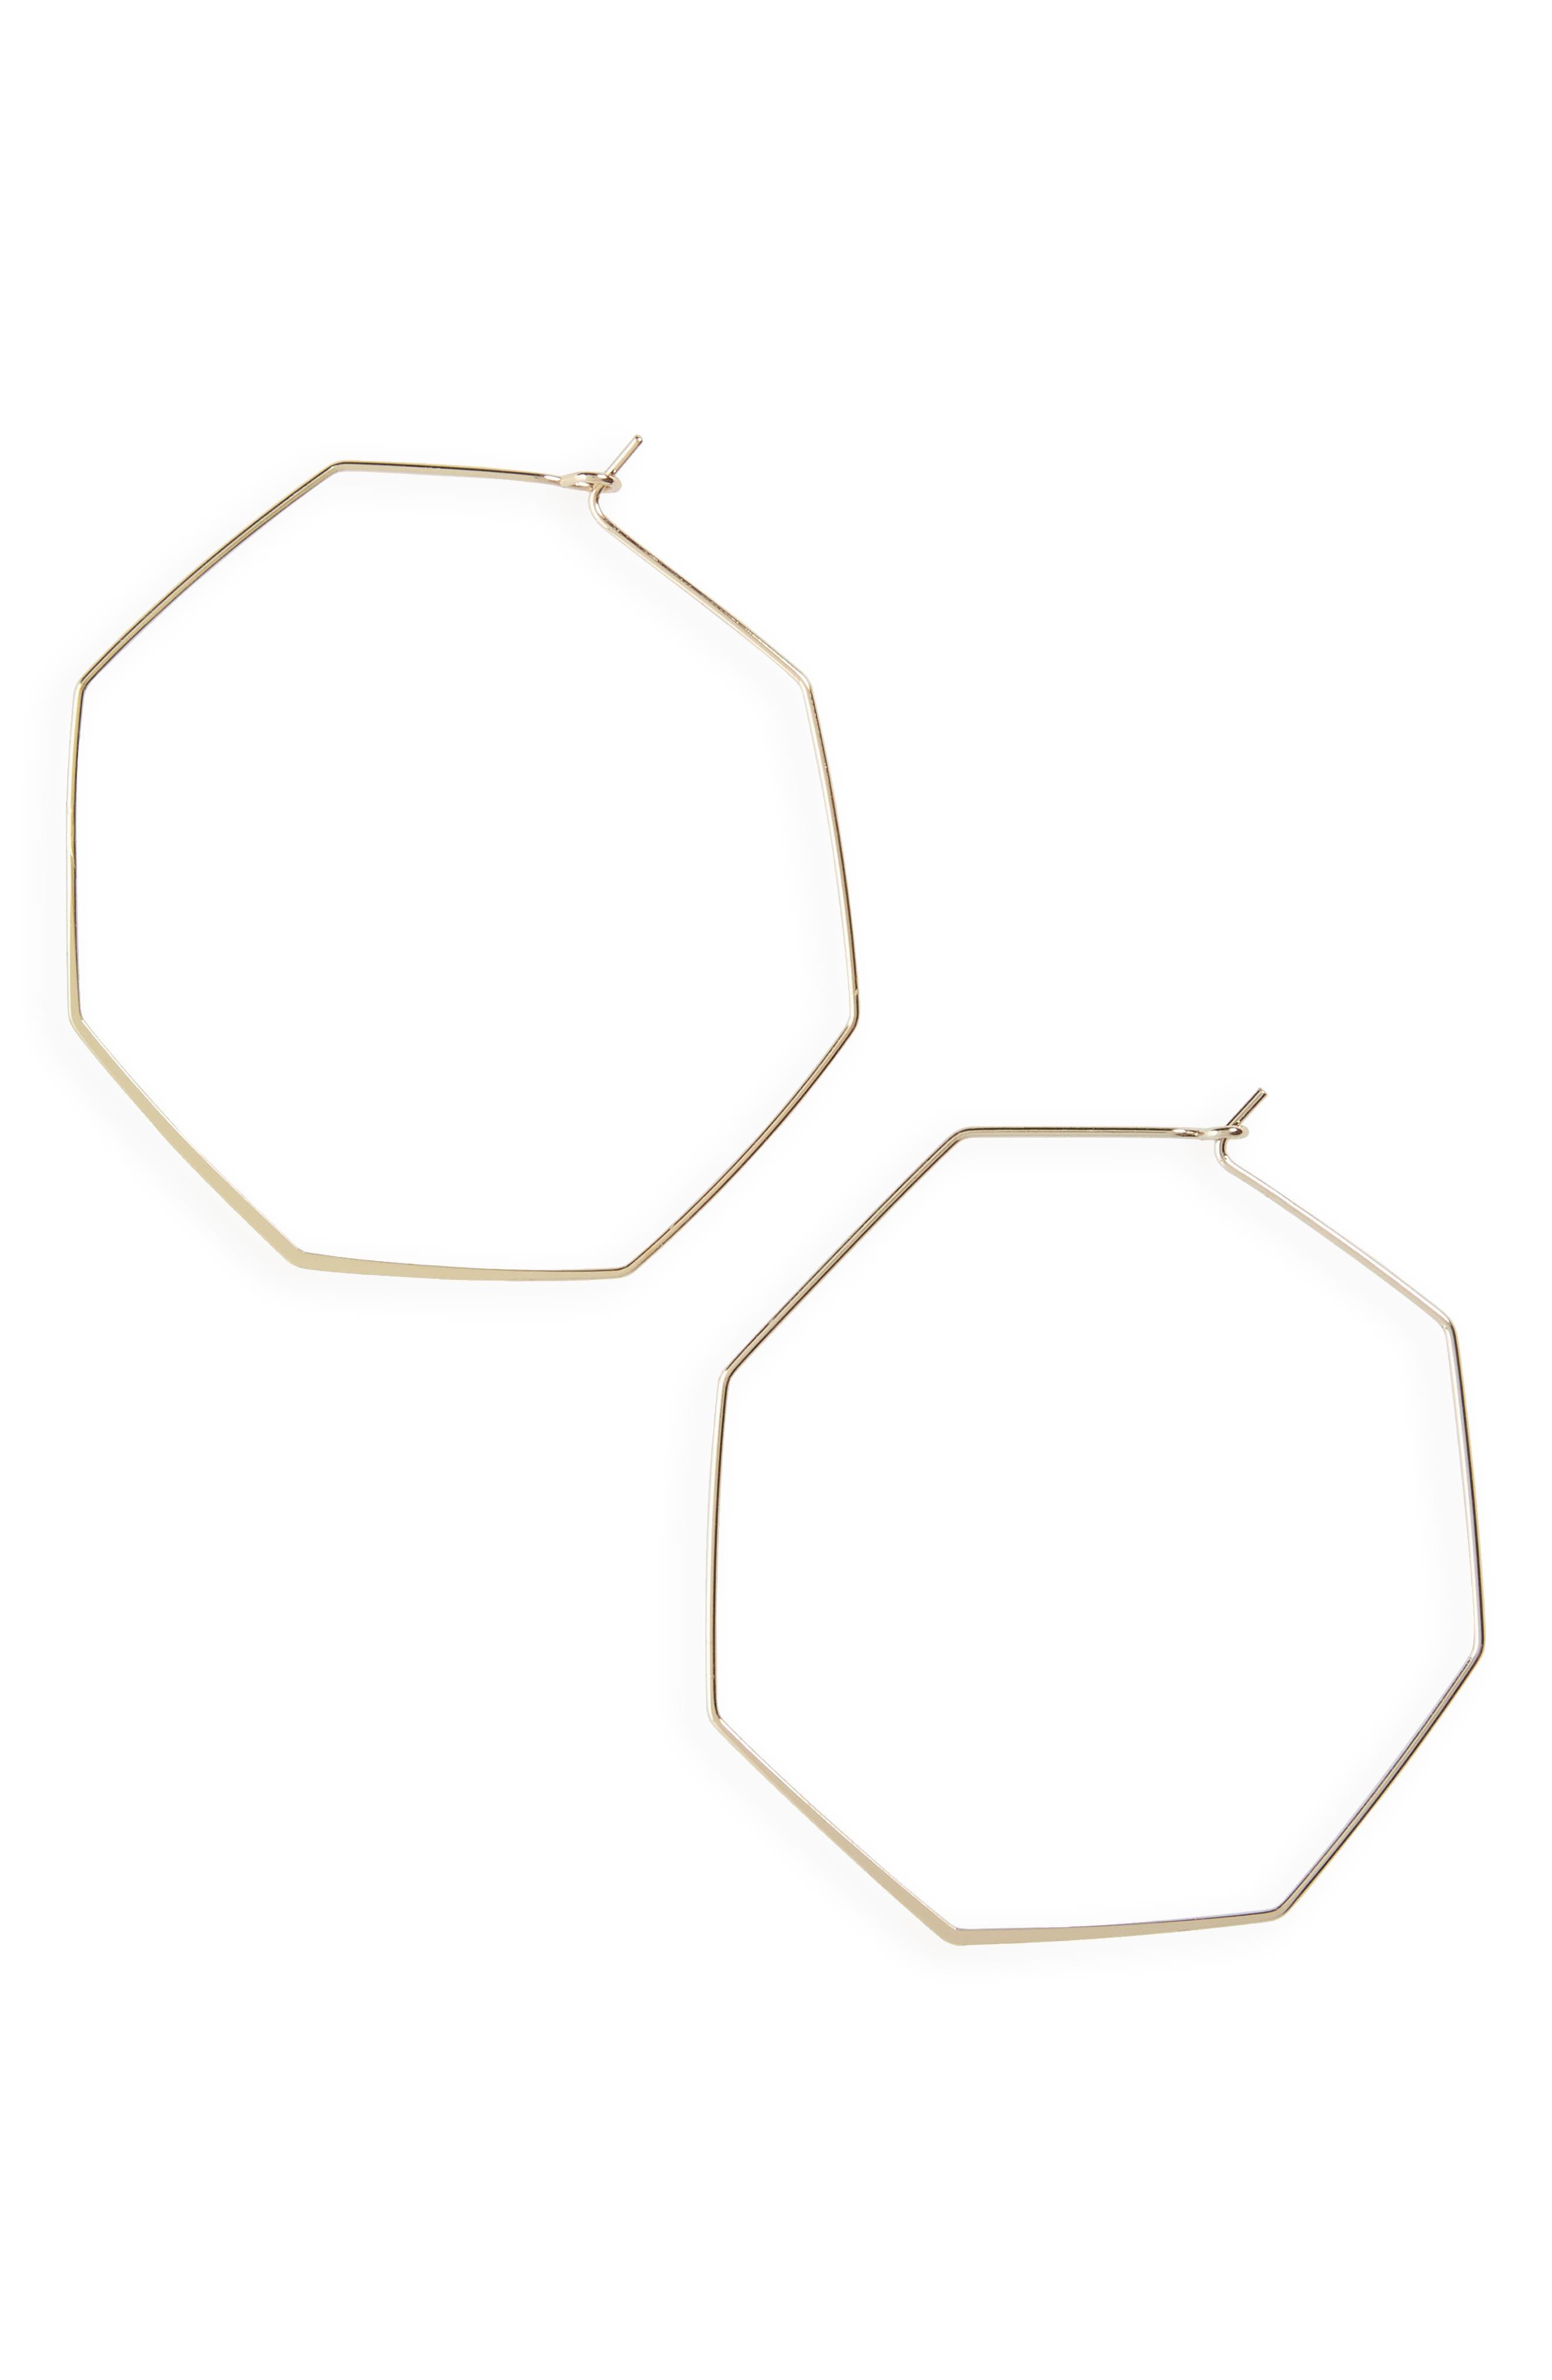 Topshop Hexagon Hoop Earrings